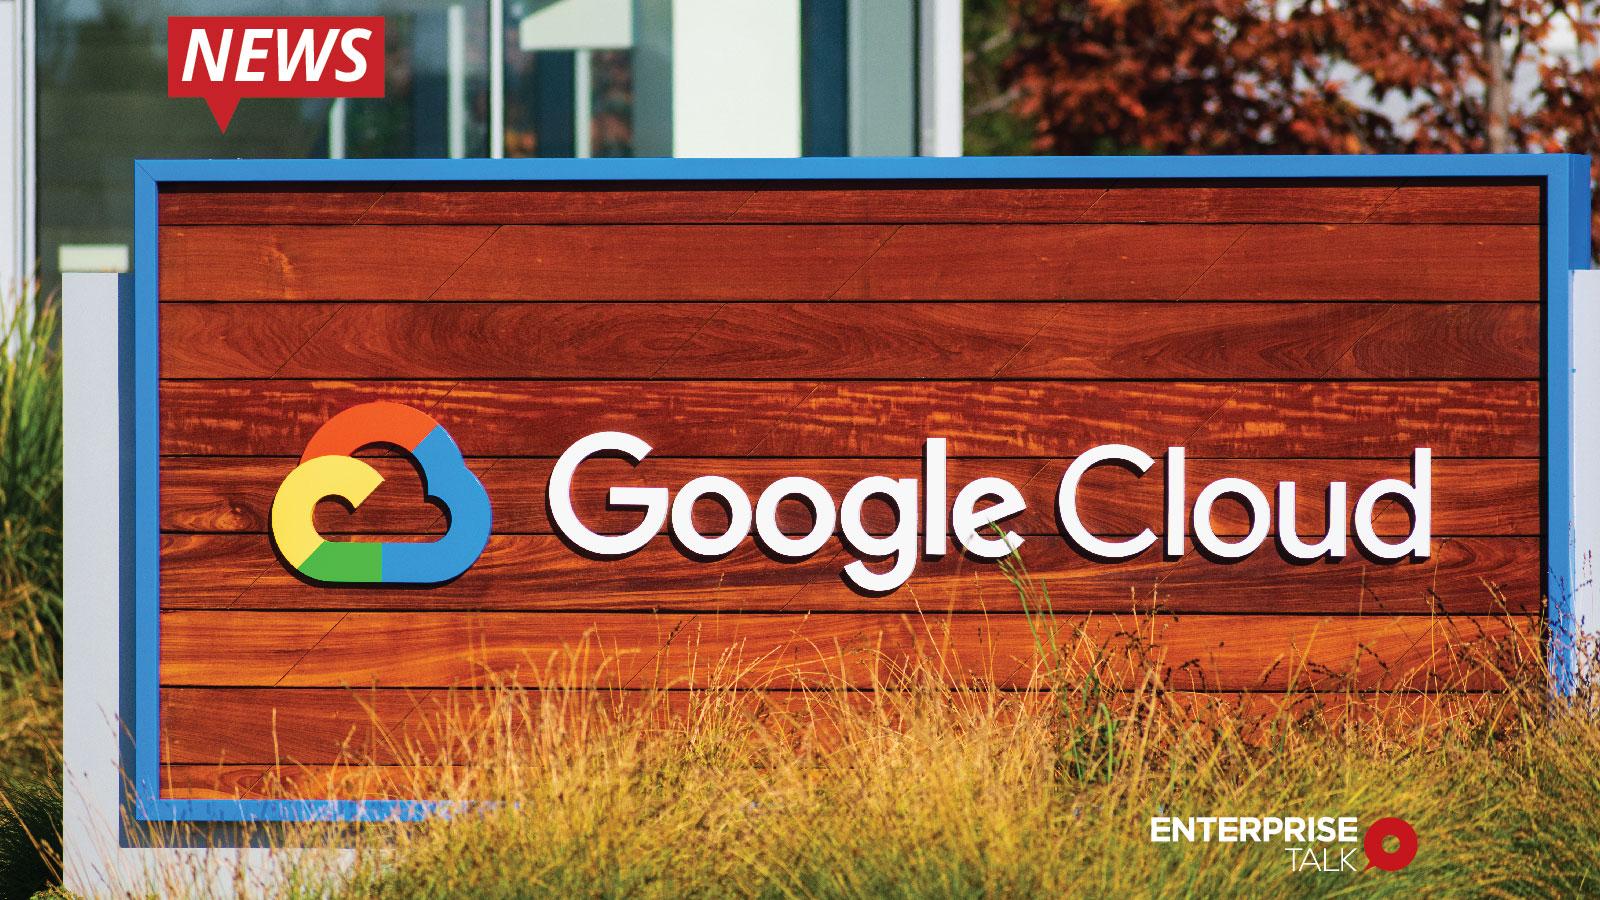 GigaSpaces, GigaSpaces Cloud Managed Service, Google Cloud Platform, Cloud, data-driven enterprises, analytics